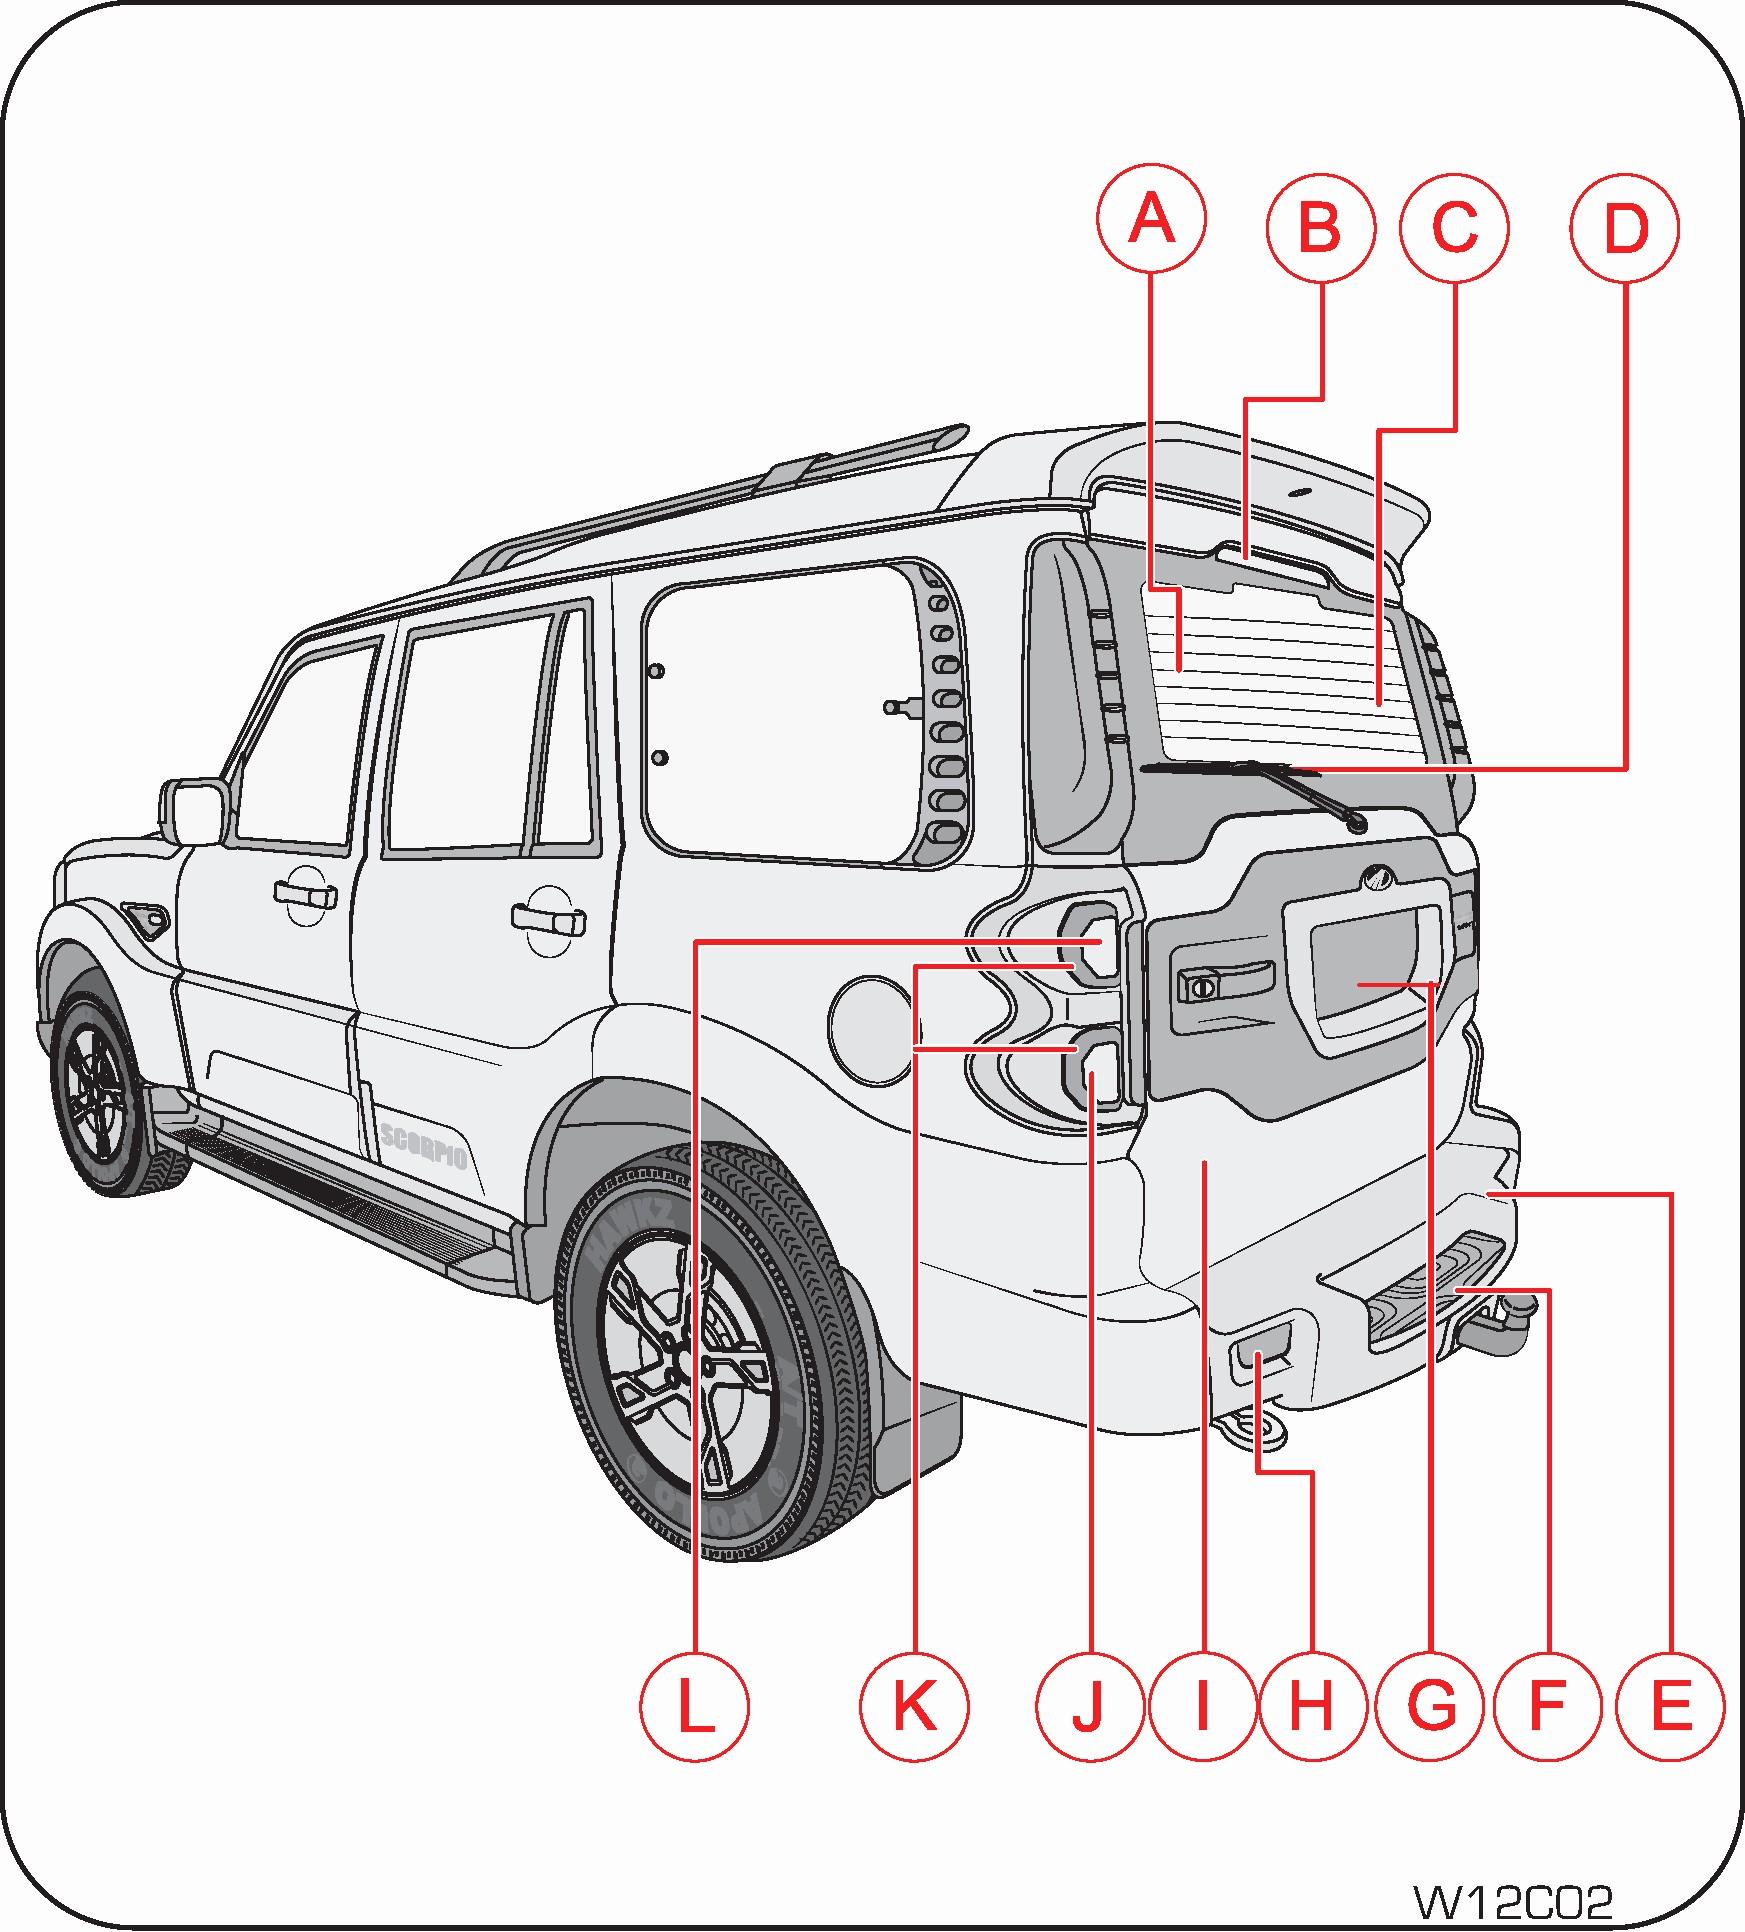 Bmw Car Parts Diagram Car Exterior Body Parts Diagram Beautiful Parts A Manual Car Of Bmw Car Parts Diagram